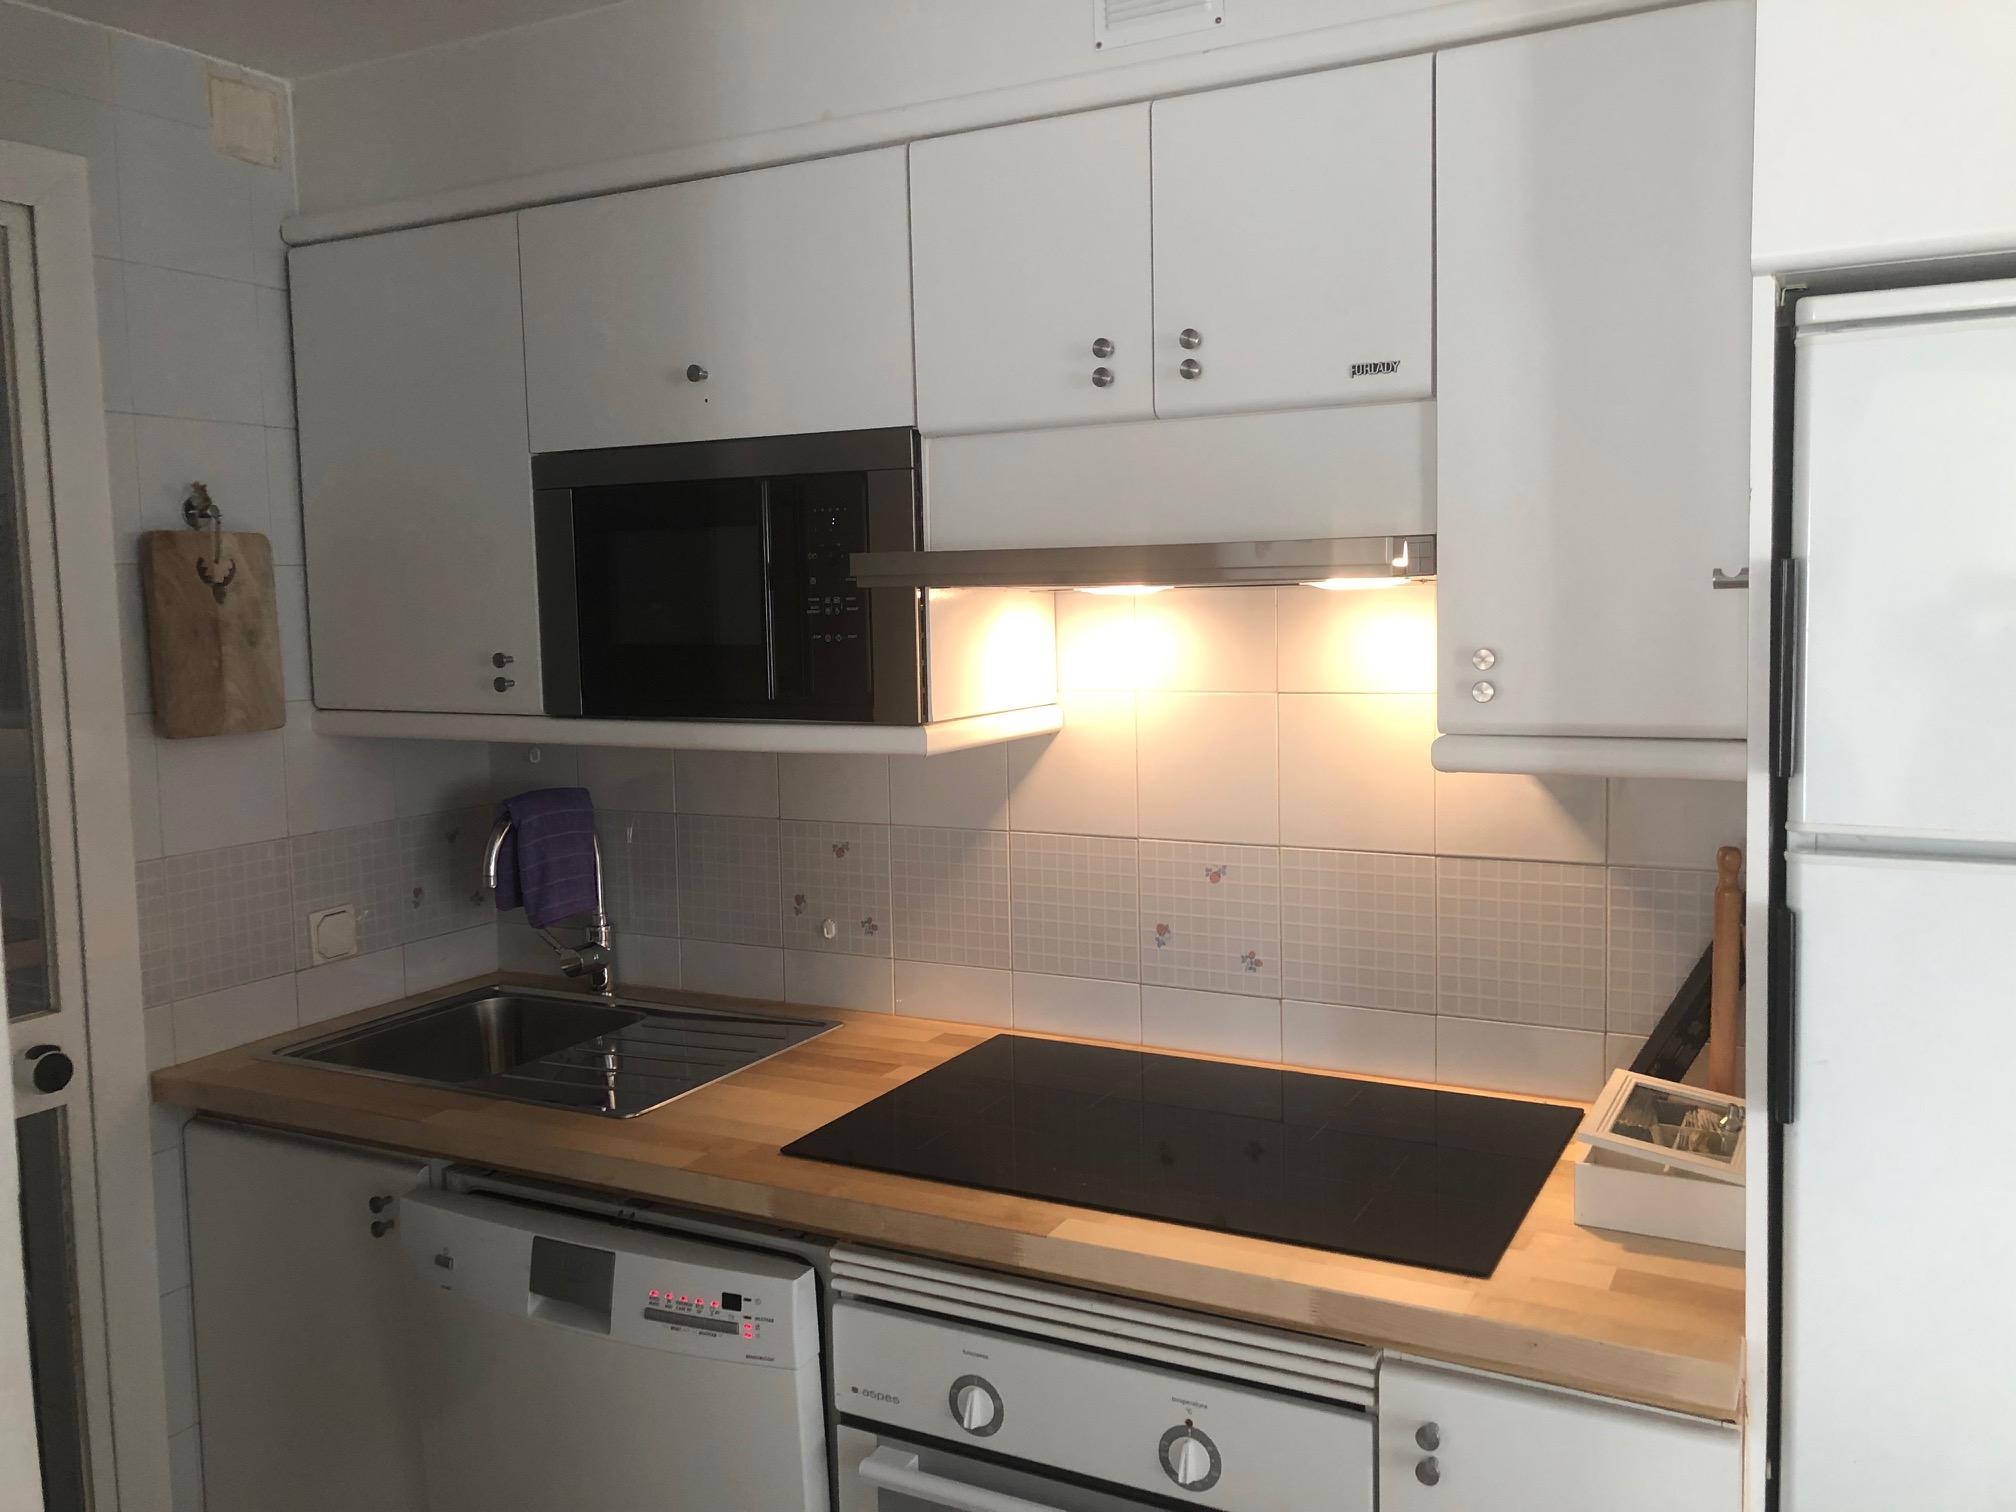 414- Kjøkken-1.jpg